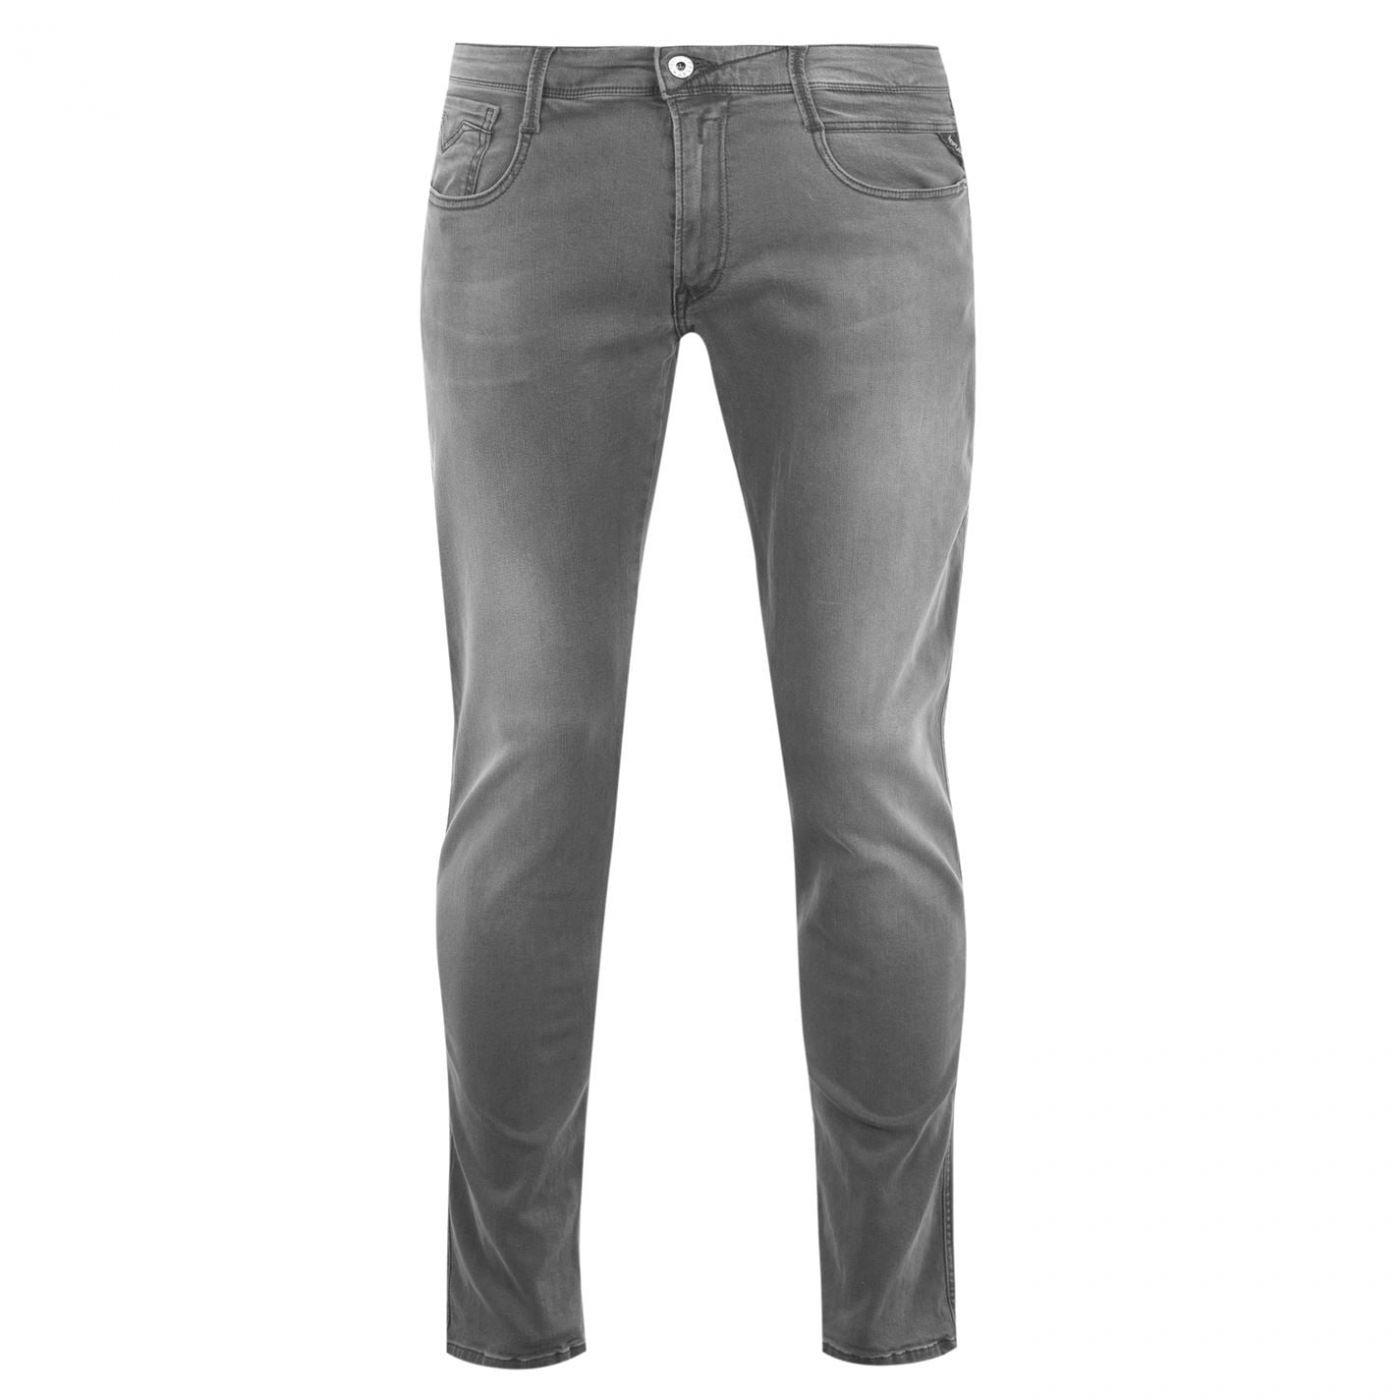 Replay Anbass Hyperflex Slim Jeans Mens